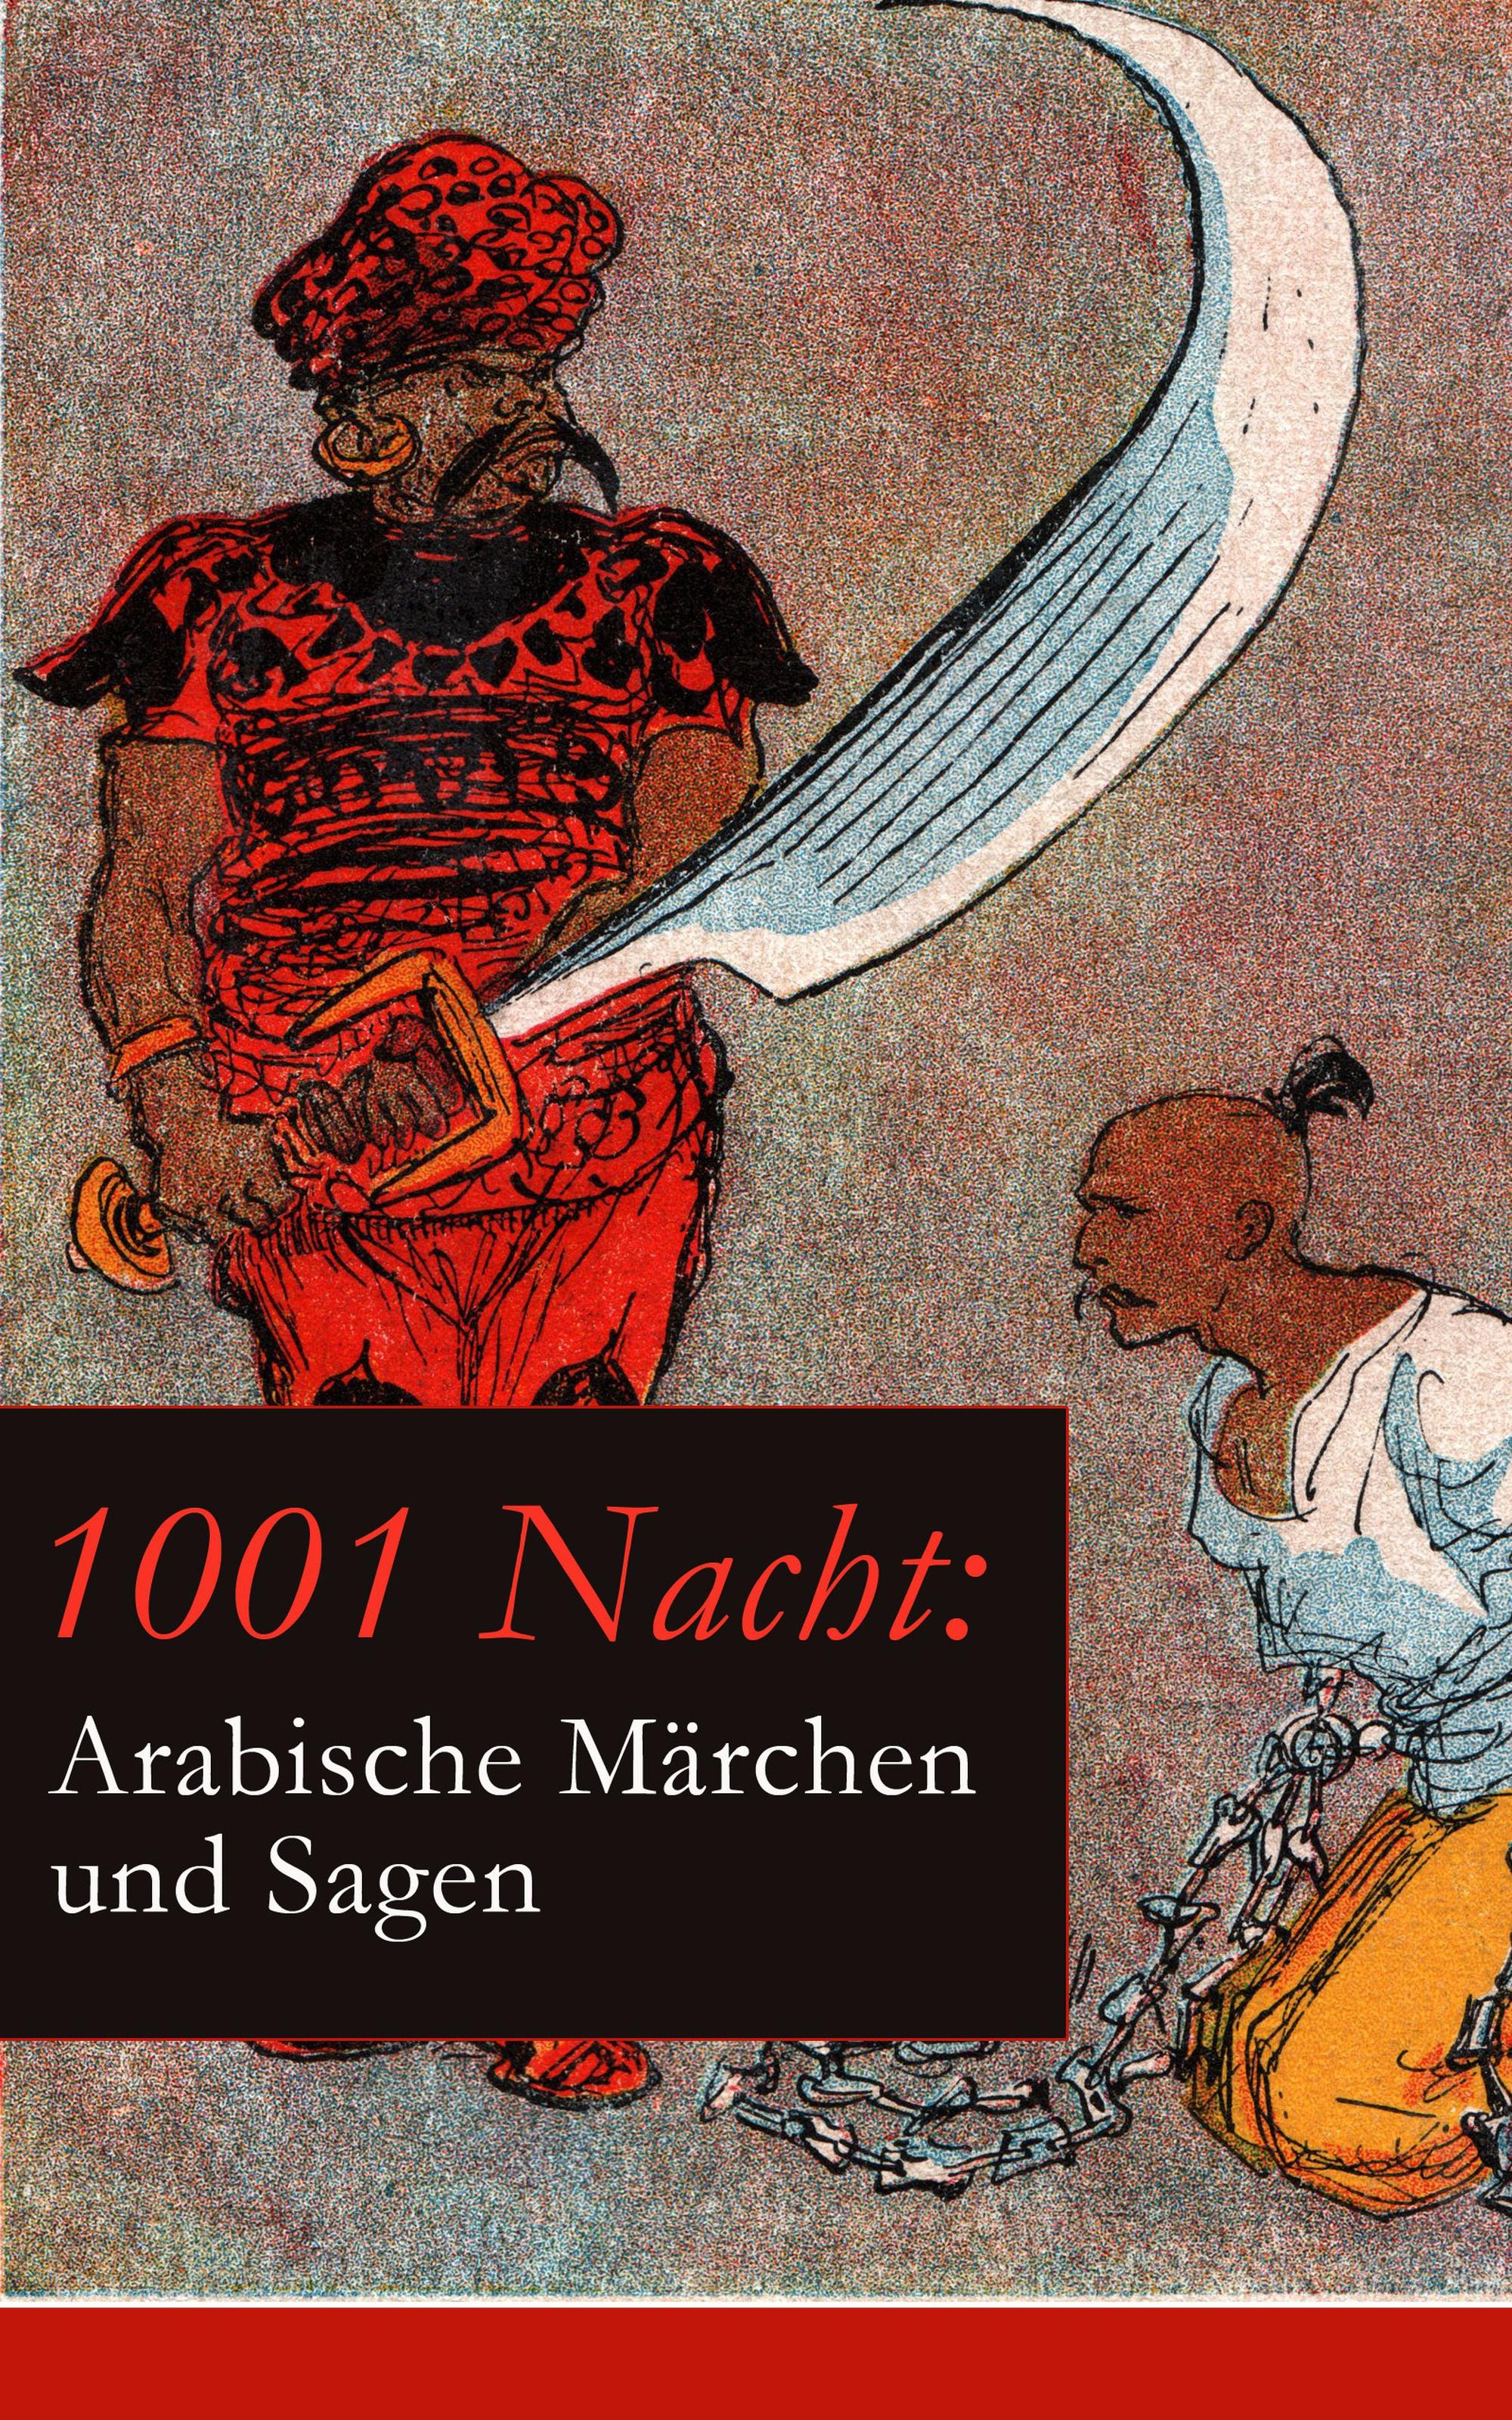 Gustav Weil 1001 Nacht: Arabische Märchen und Sagen